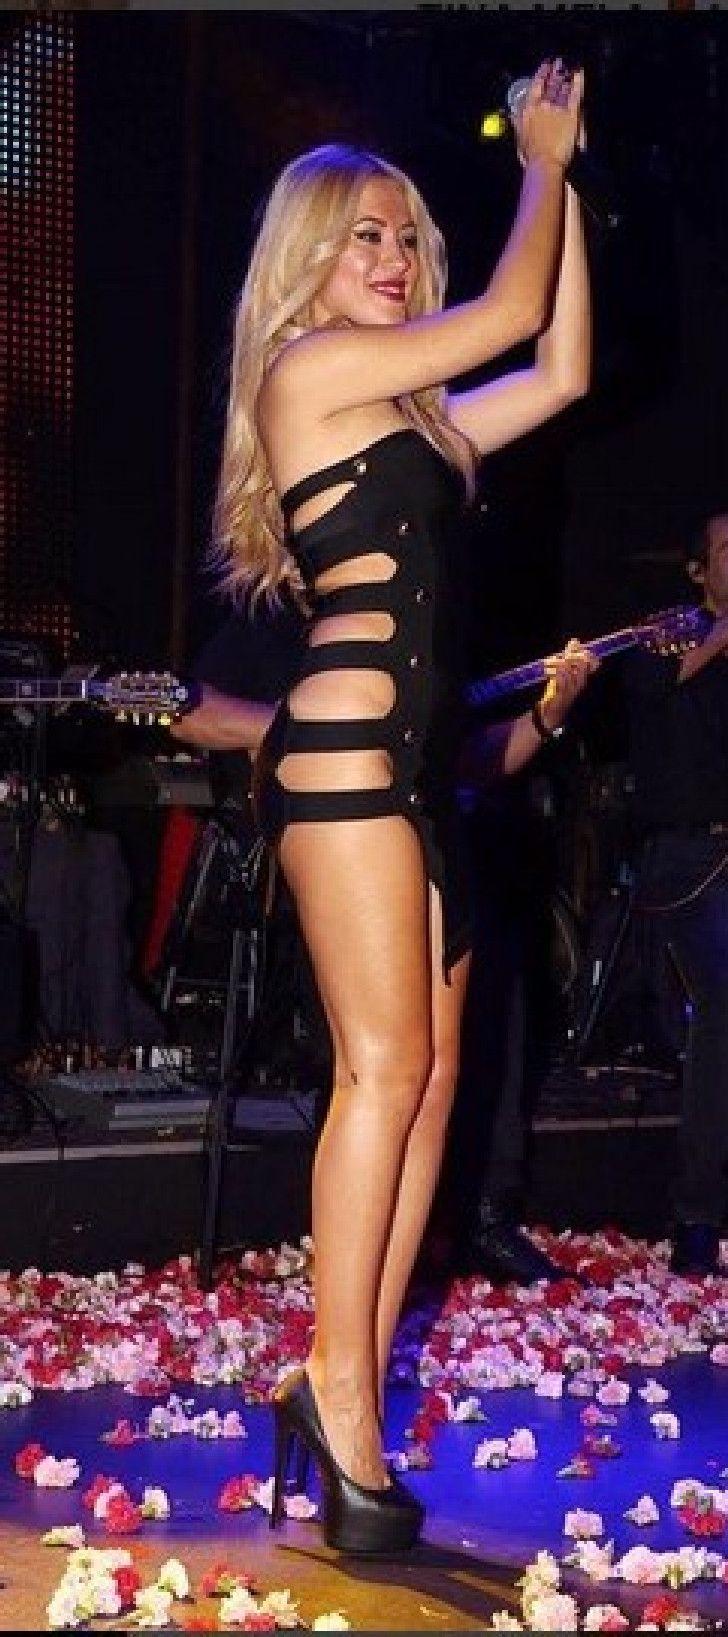 Τίνα Μελά. Η τραγουδίστρια που «αναστατώνει» τις πίστες της Θεσσαλονίκης χωρίς εσώρουχα!